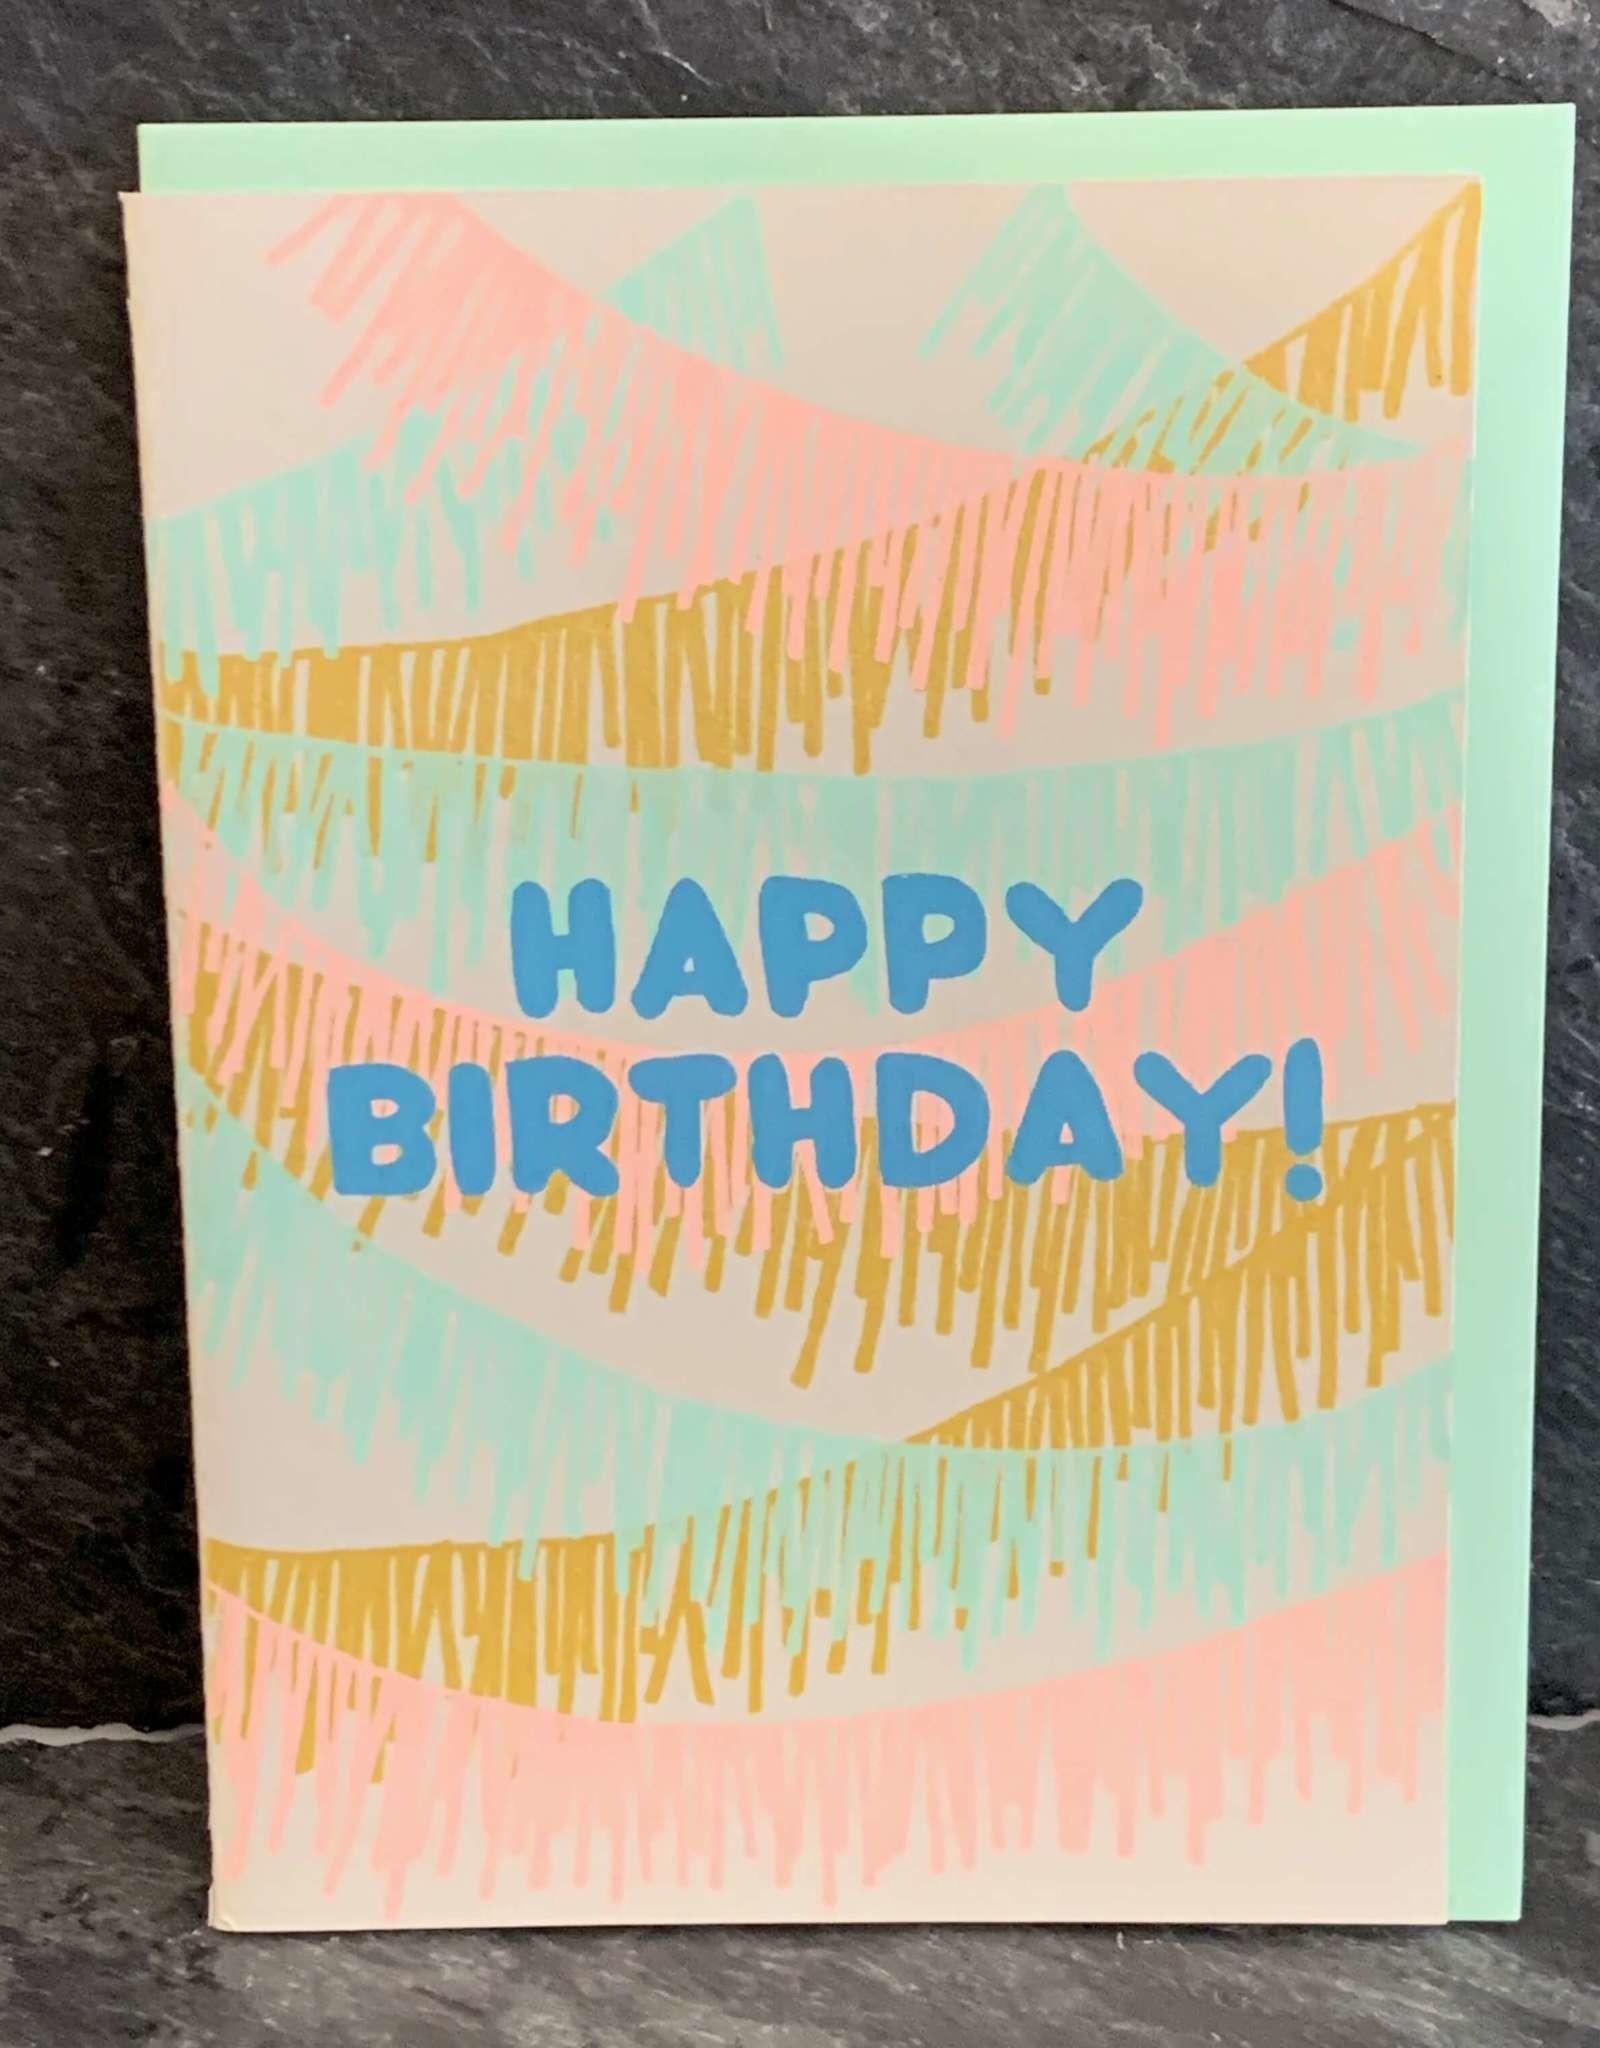 Gold Teeth Brooklyn Birthday Gold Teeth Brooklyn Birthday Fringe